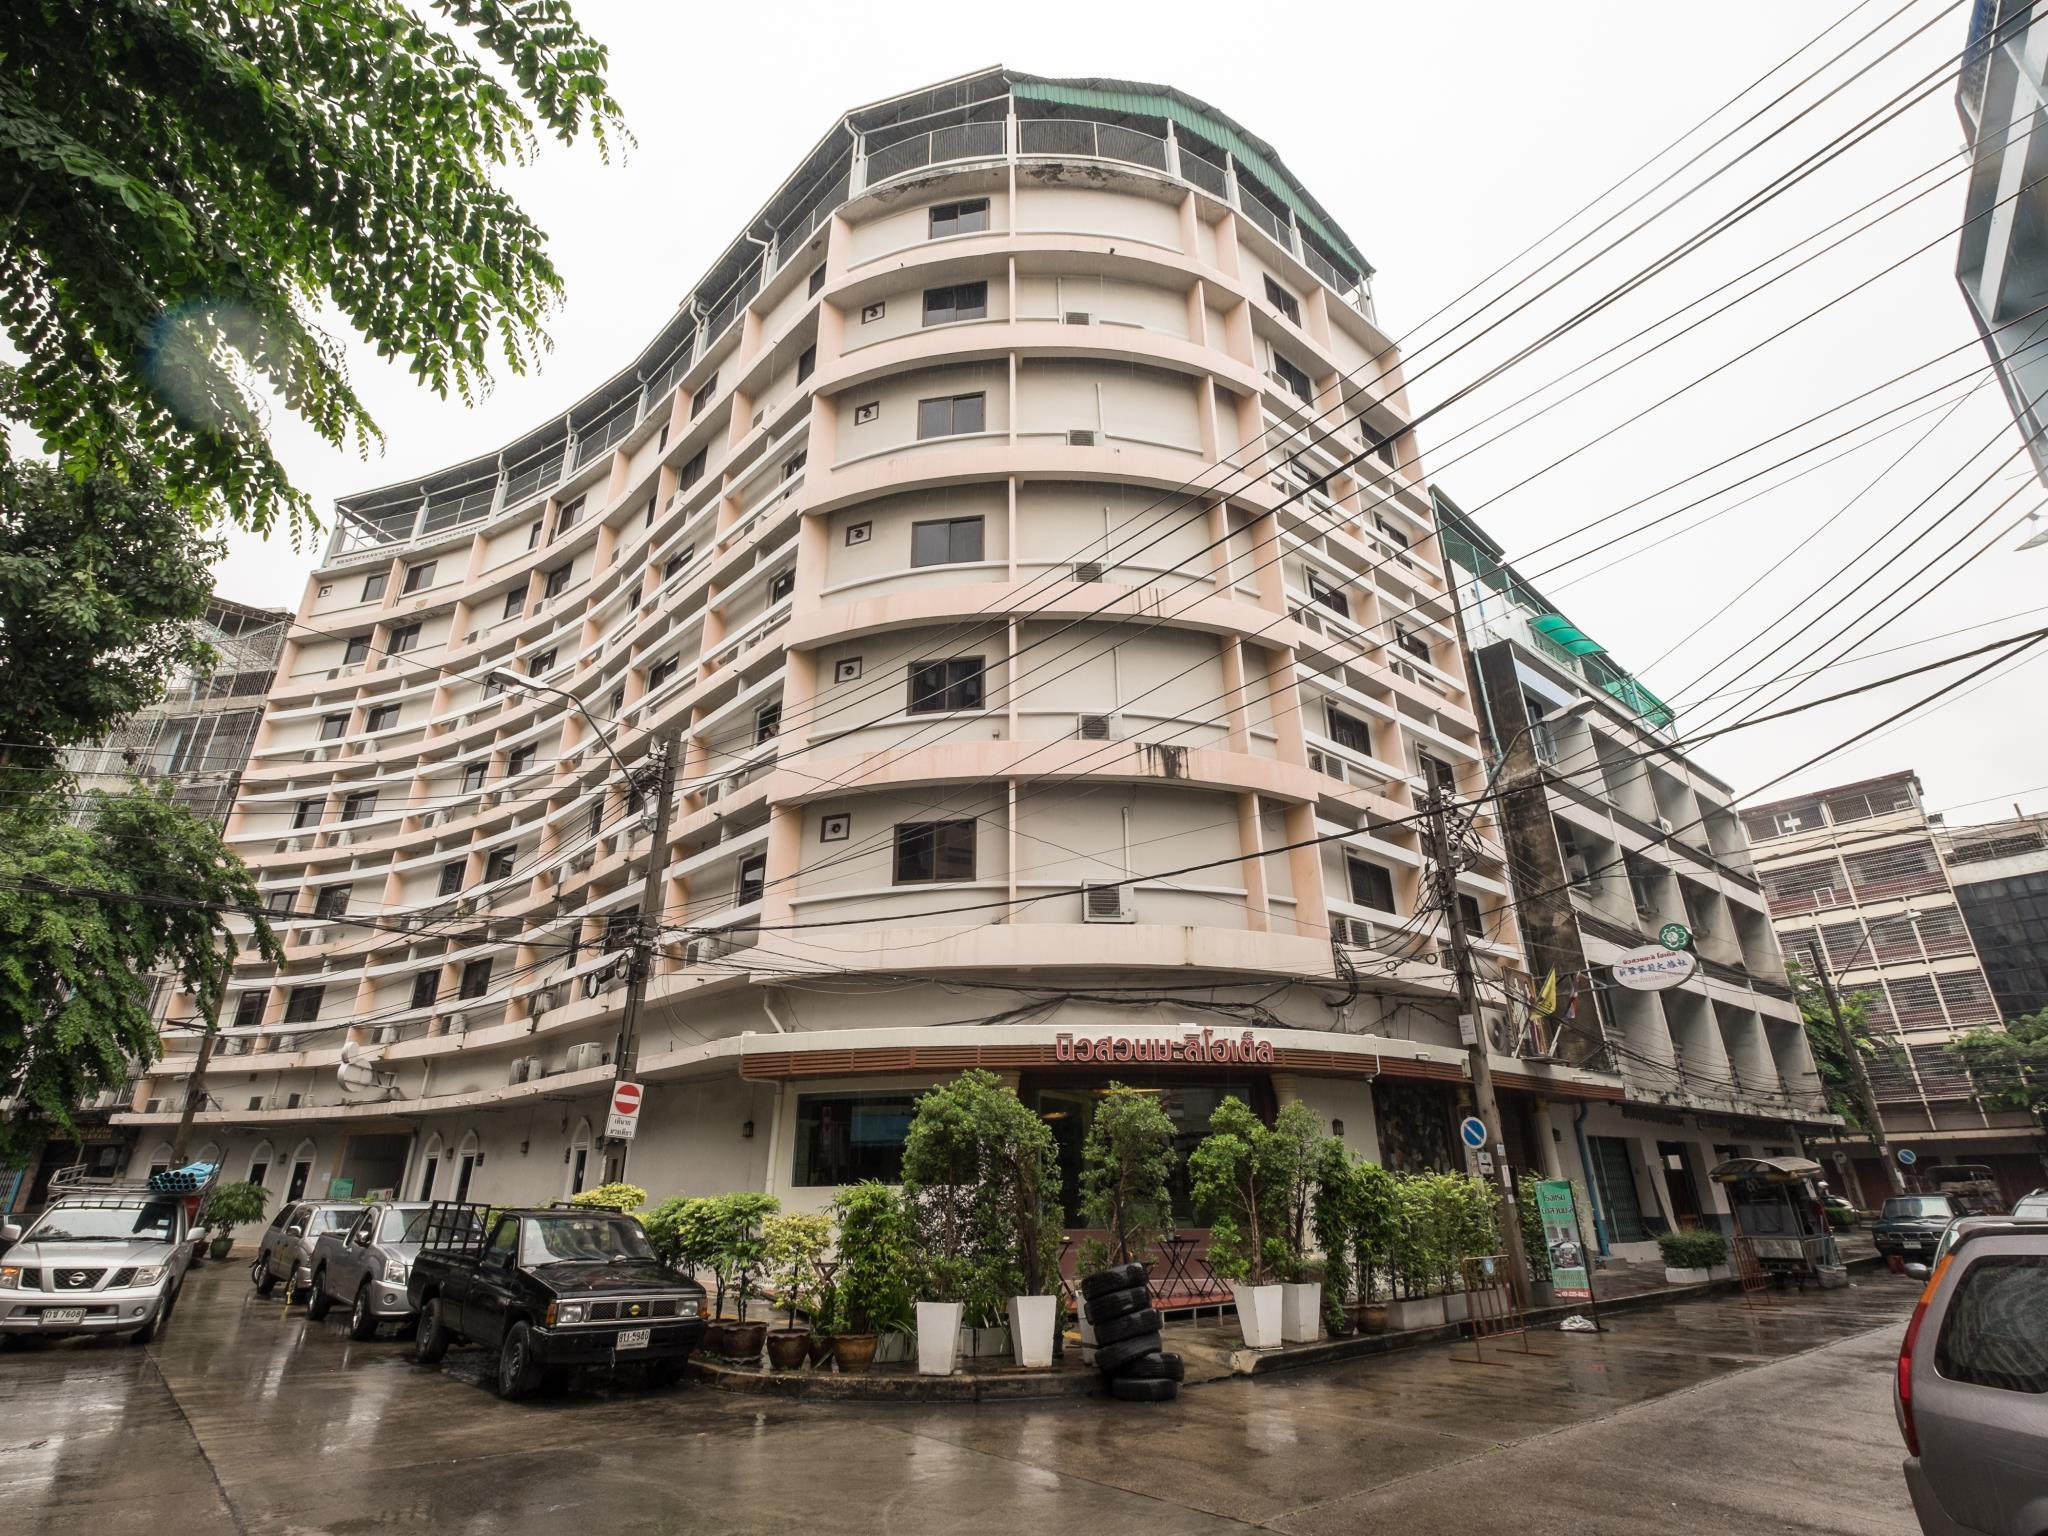 New Suanmali Hotel โรงแรมนิวสวนมะลิ